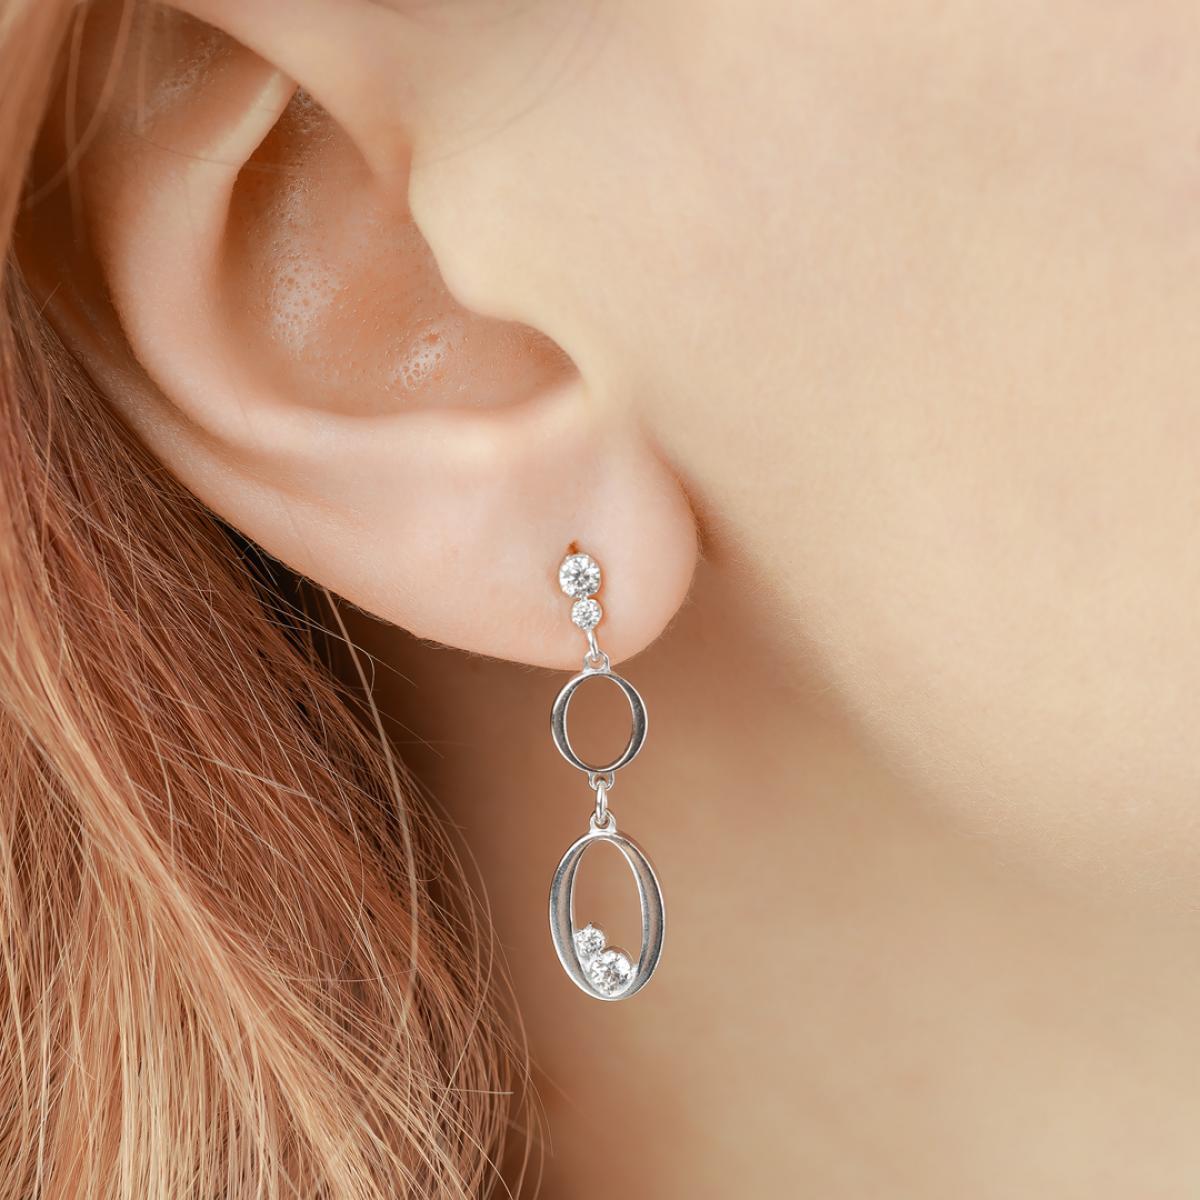 Сережки срібні з цирконієм ``Flamenco`` OR OVCZ 001